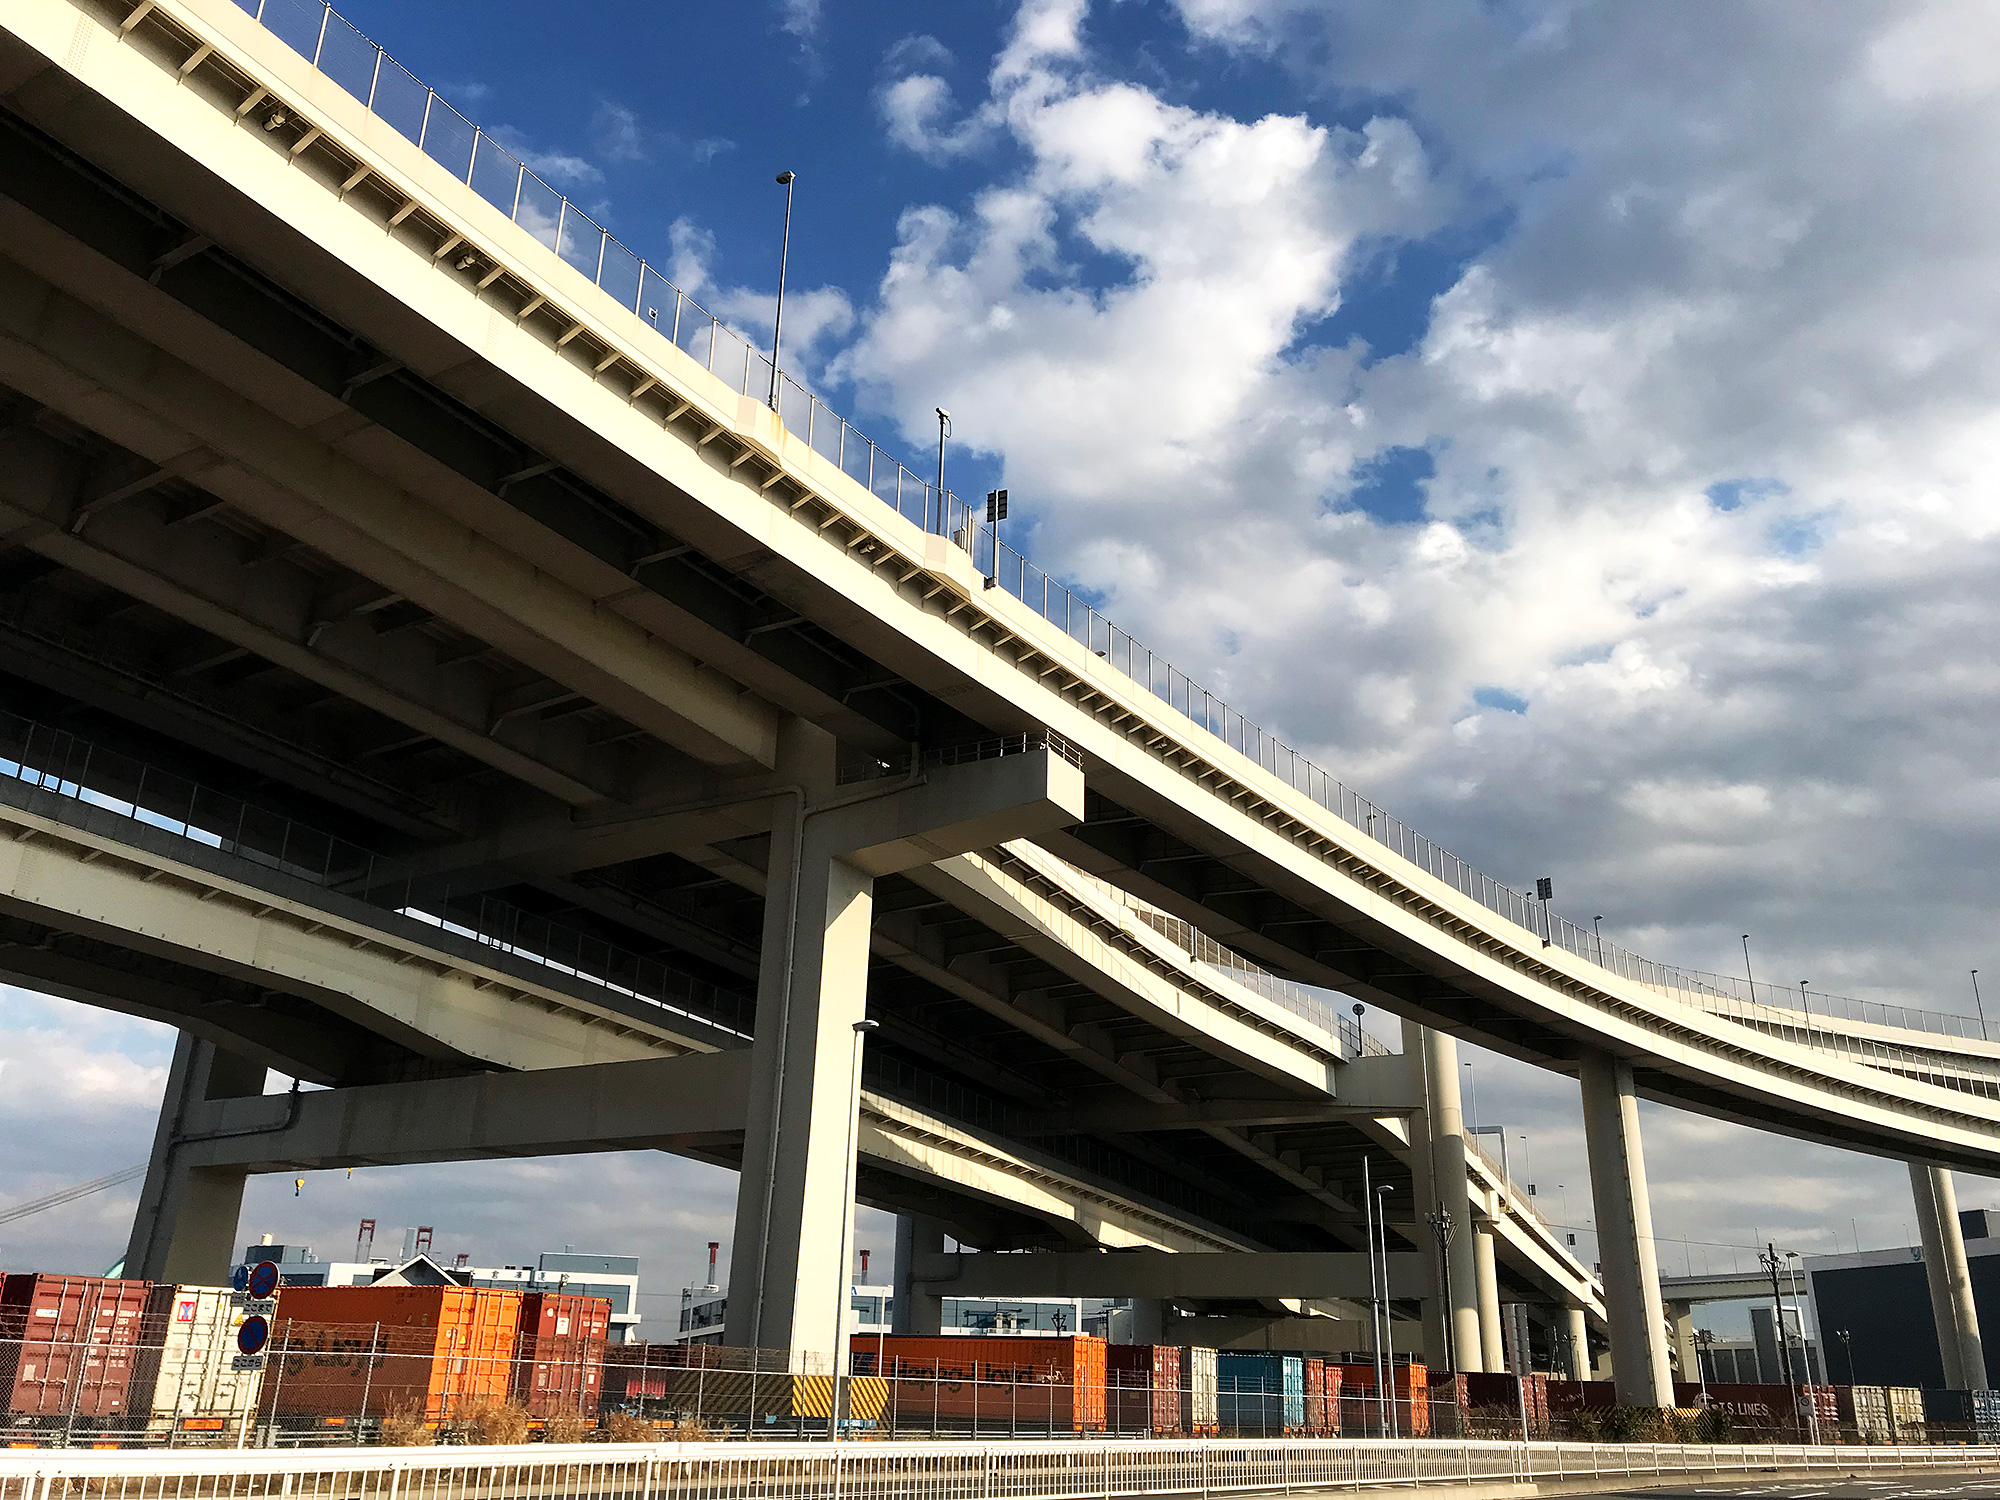 横浜の首都高の写真の無料画像素材